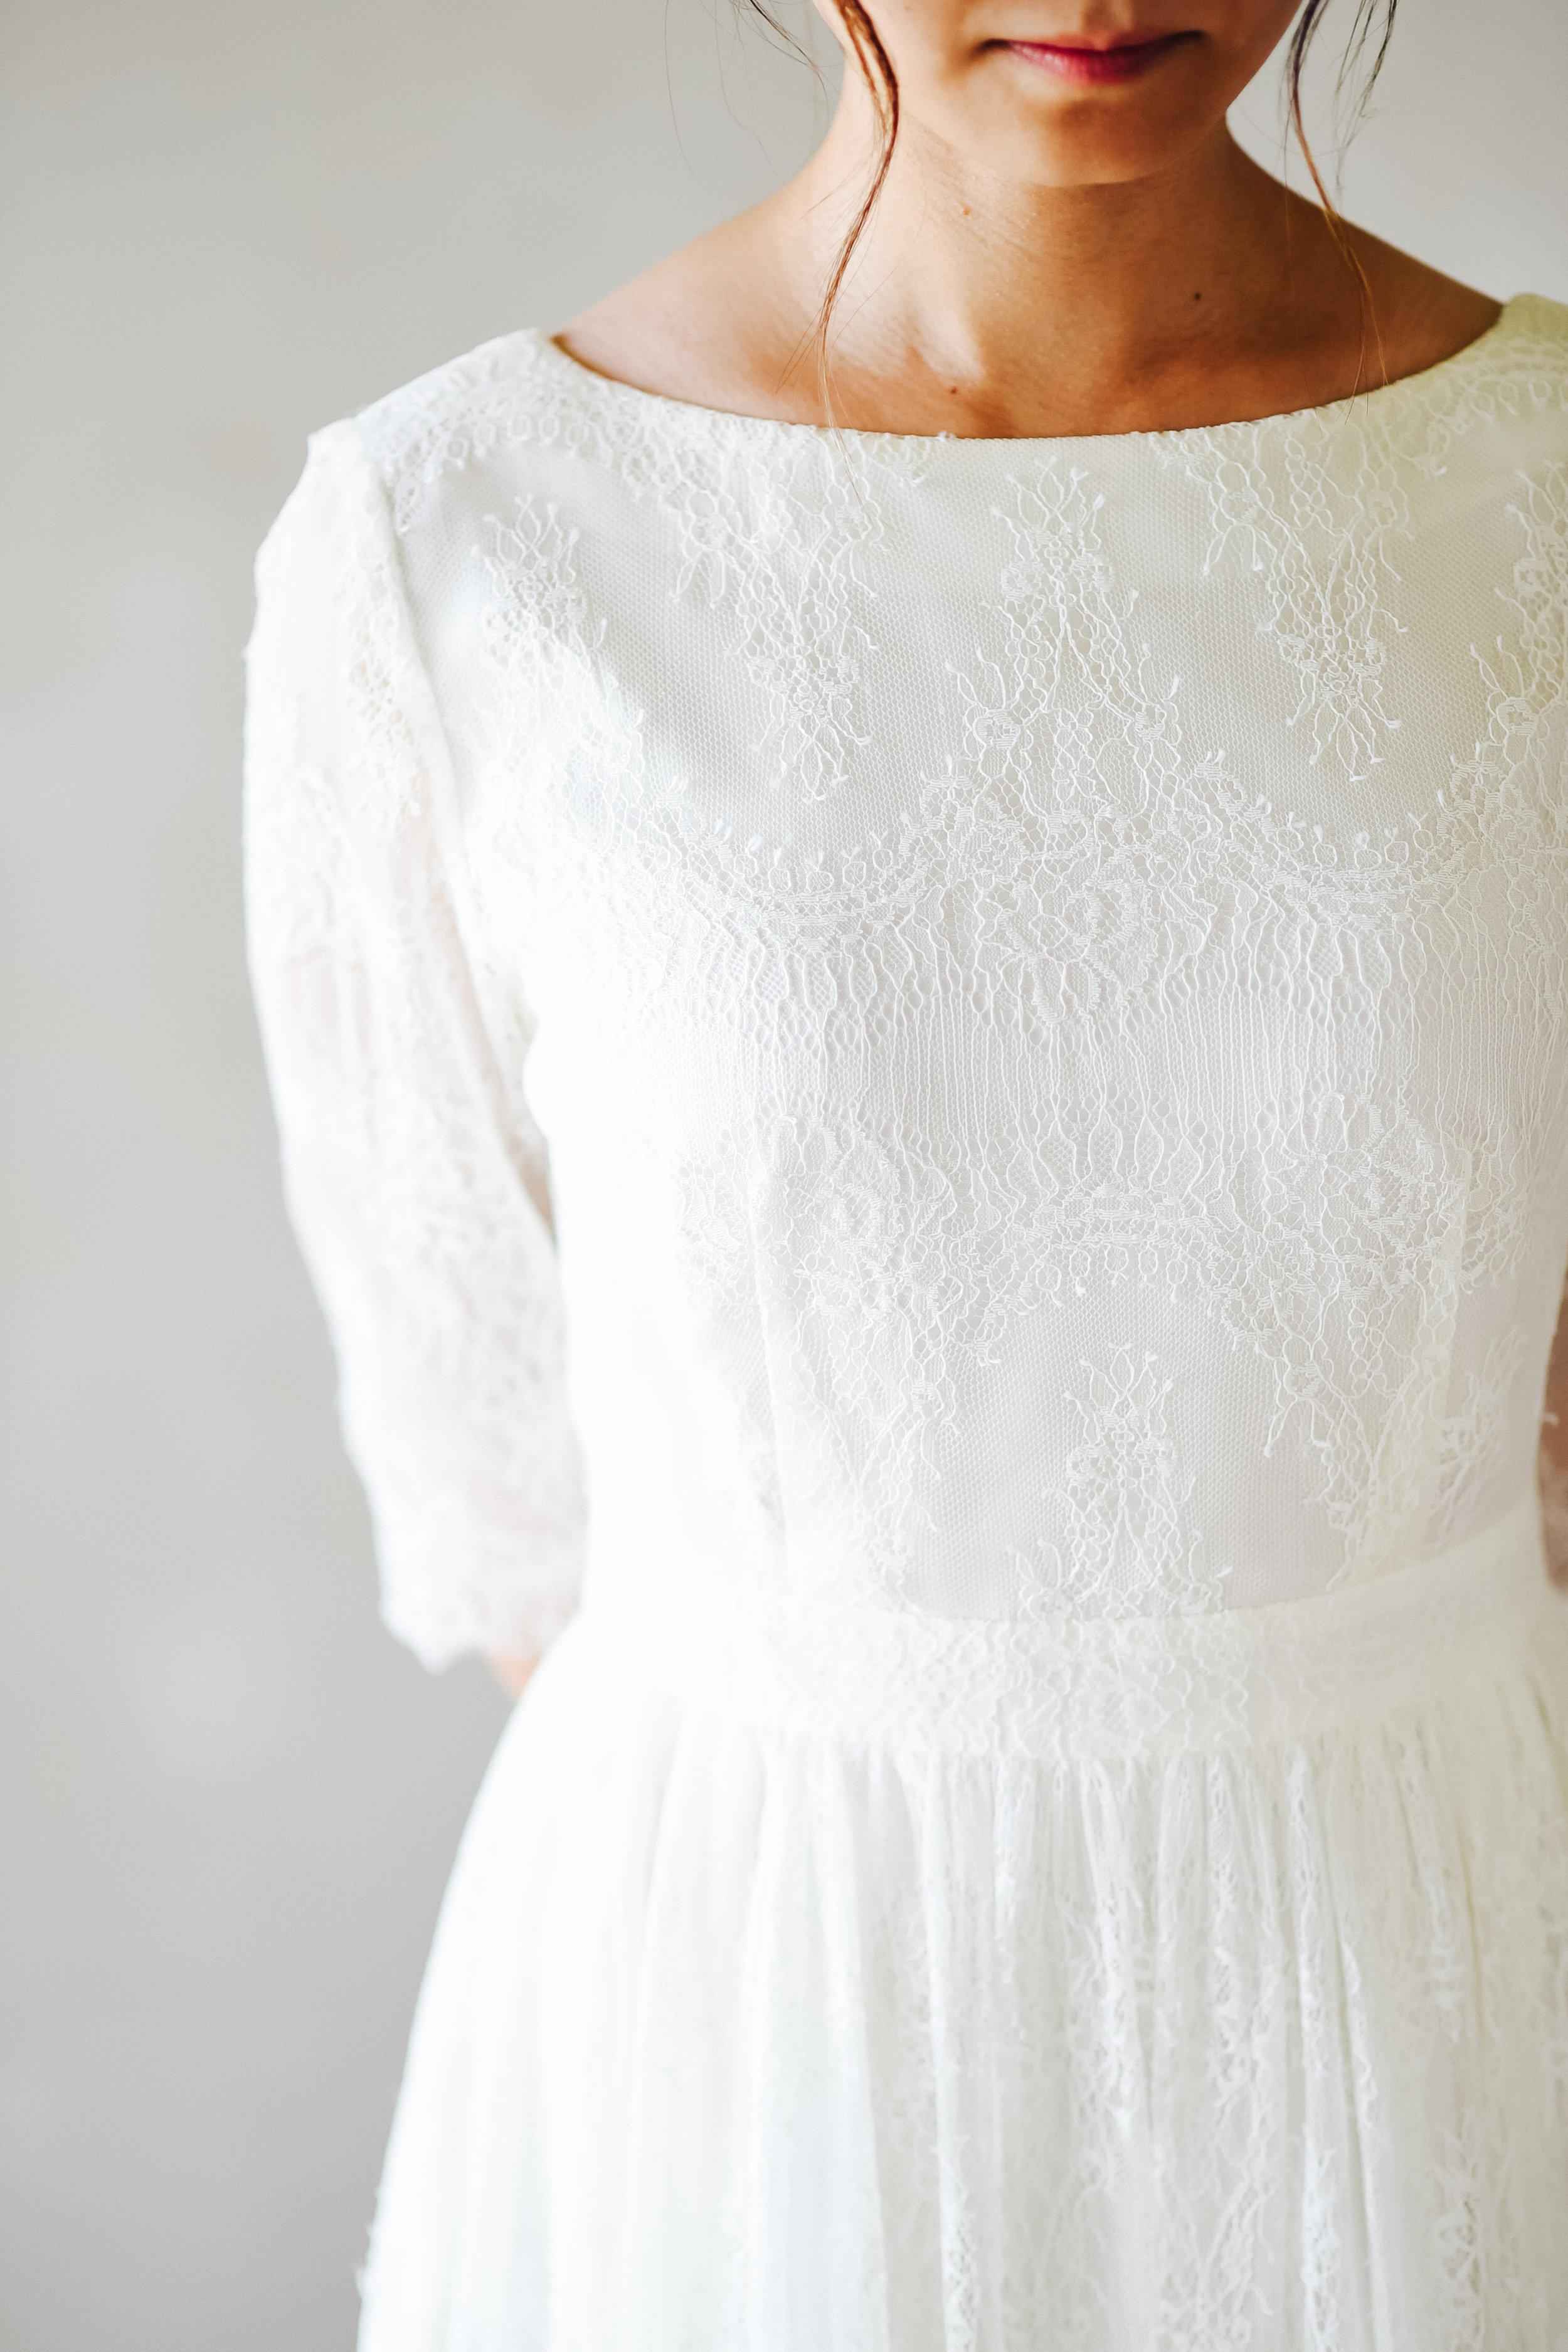 dress8_6.jpg